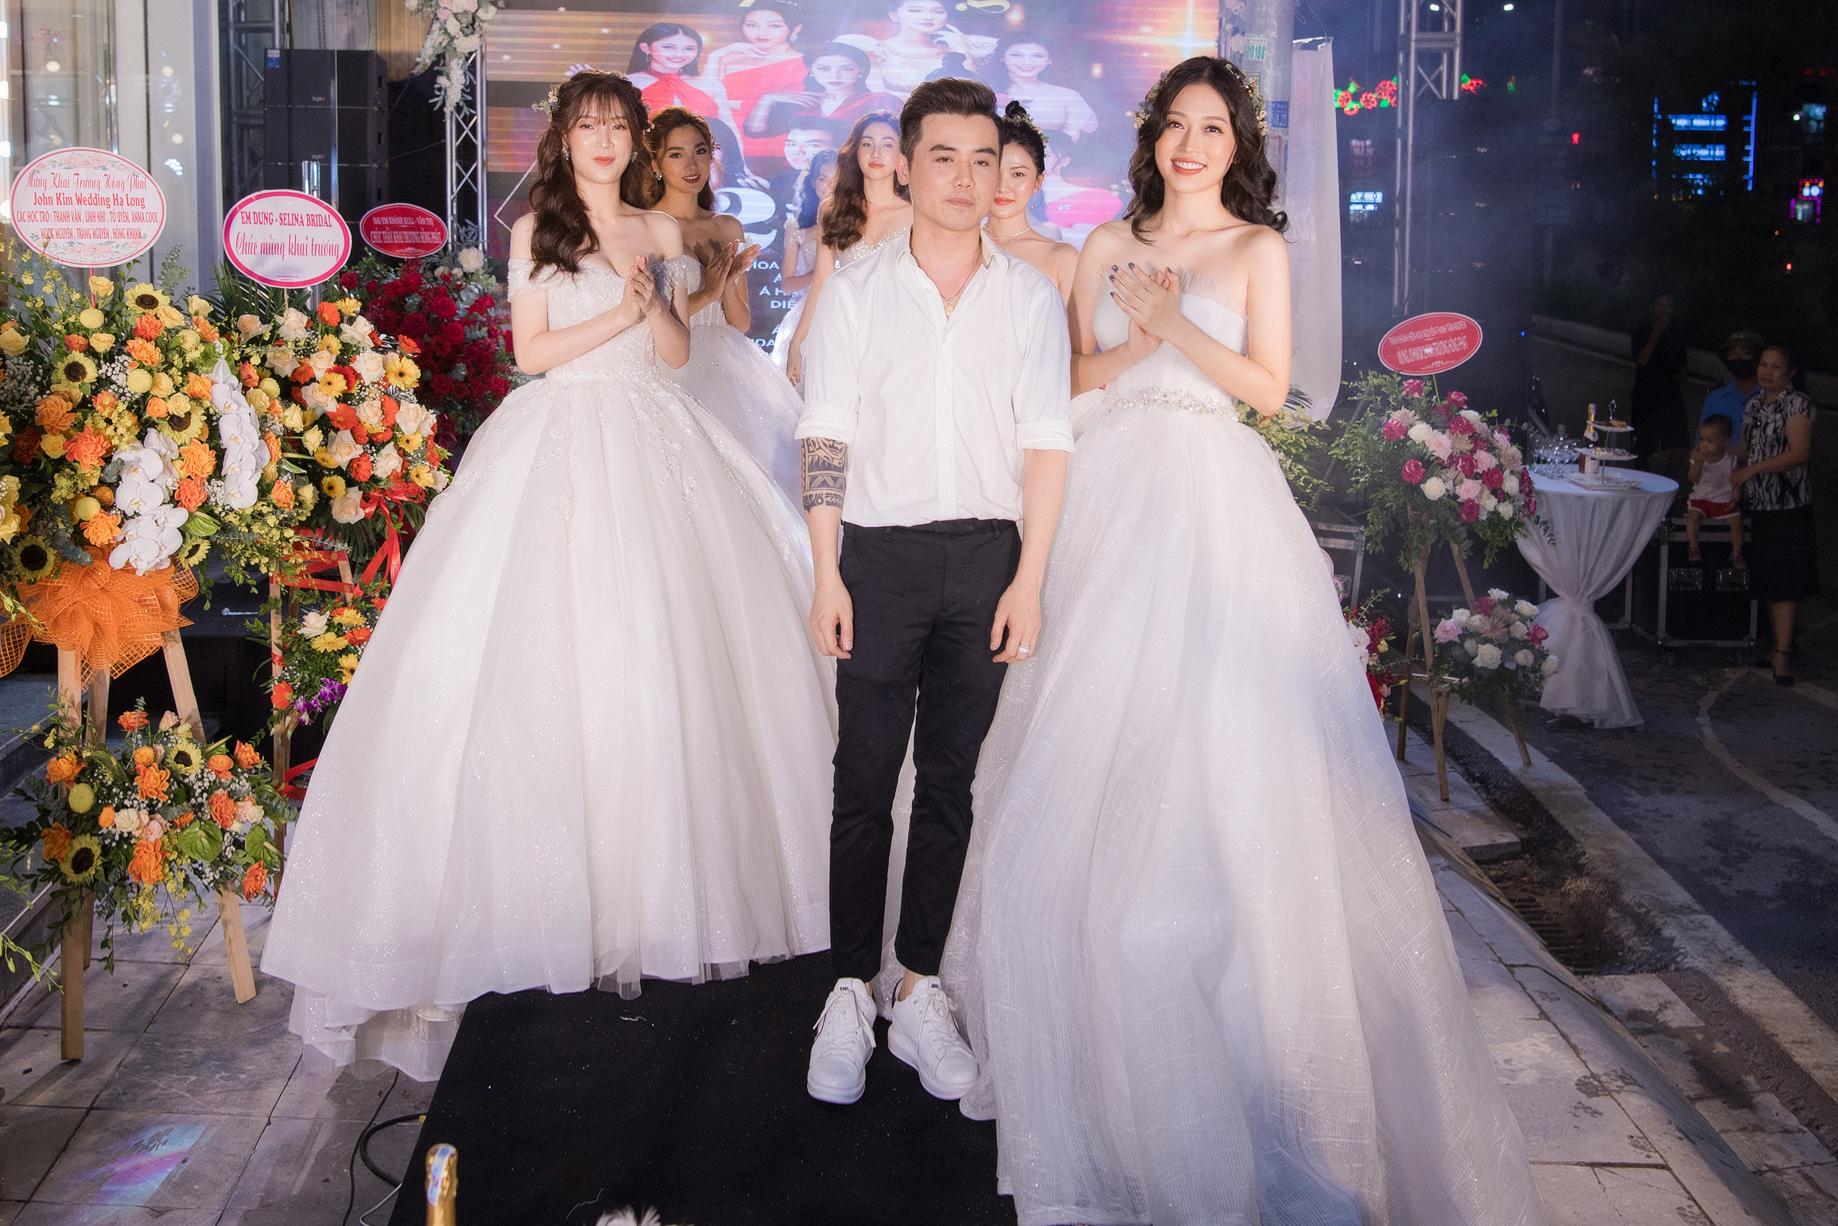 Ngọc Nữ gây chú ý khi diện váy cưới gợi cảm - Ảnh 1.